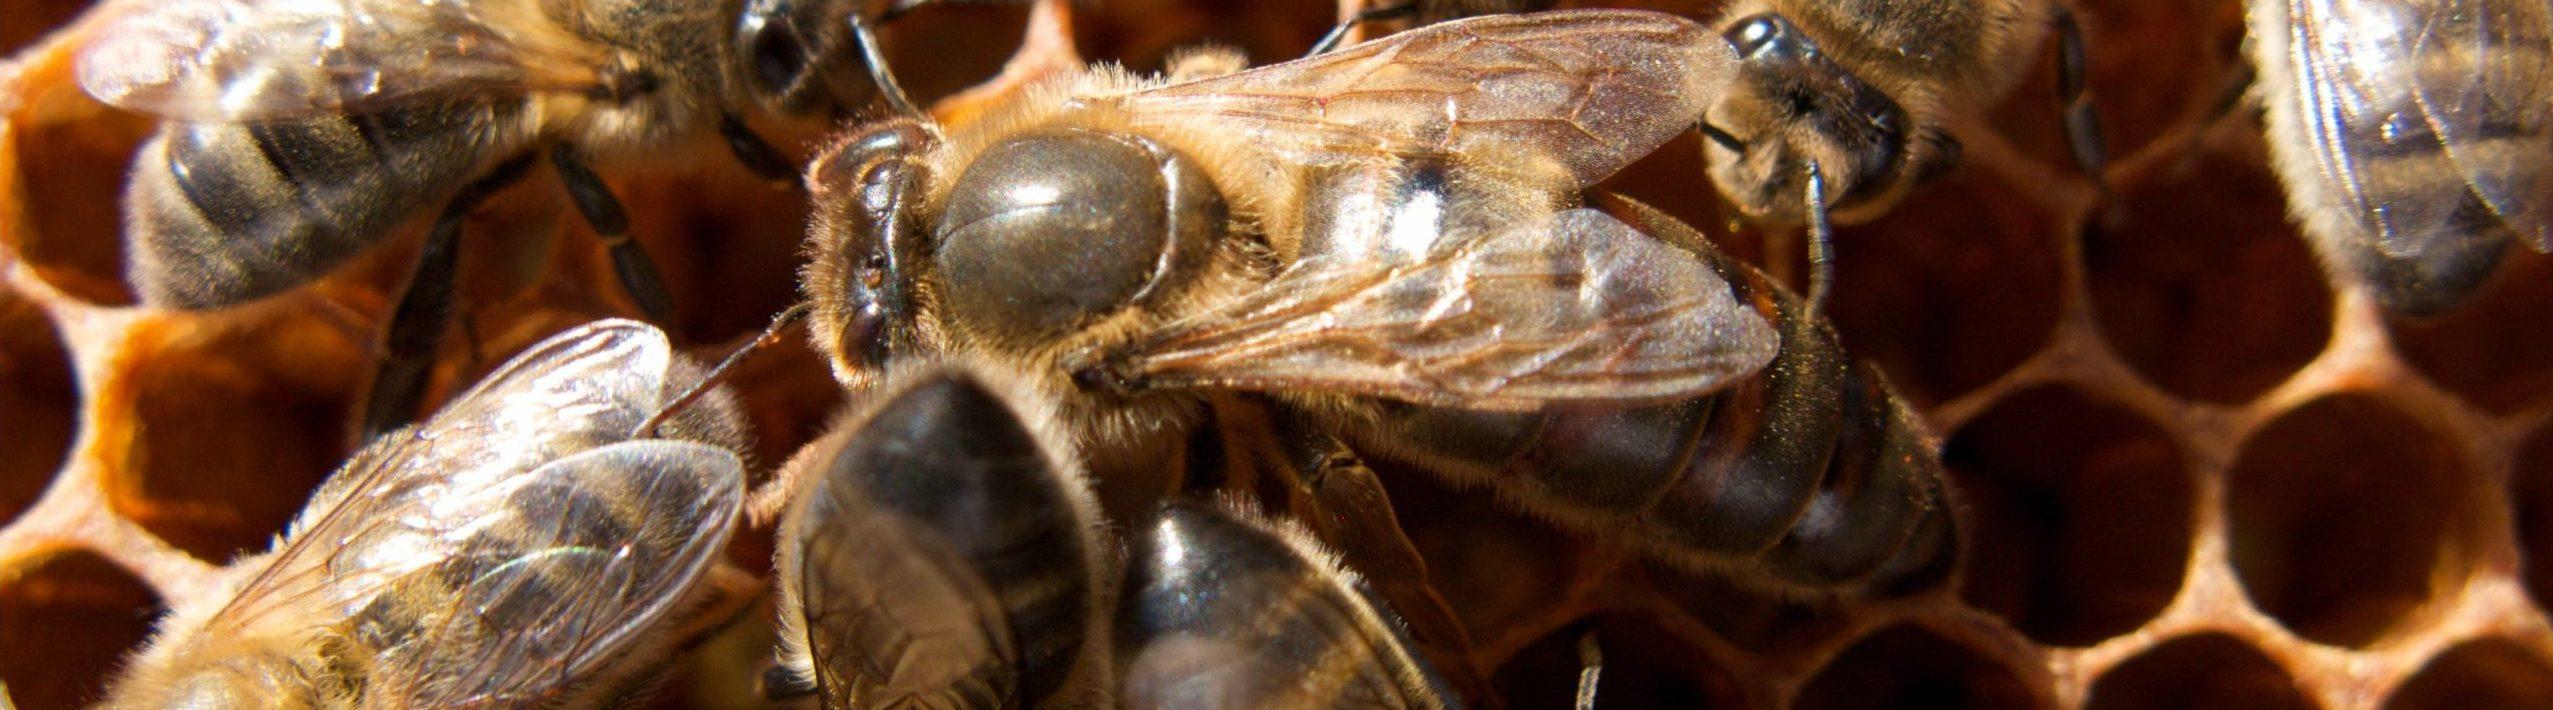 Flera bin kryper omkring på en vaxkaka.